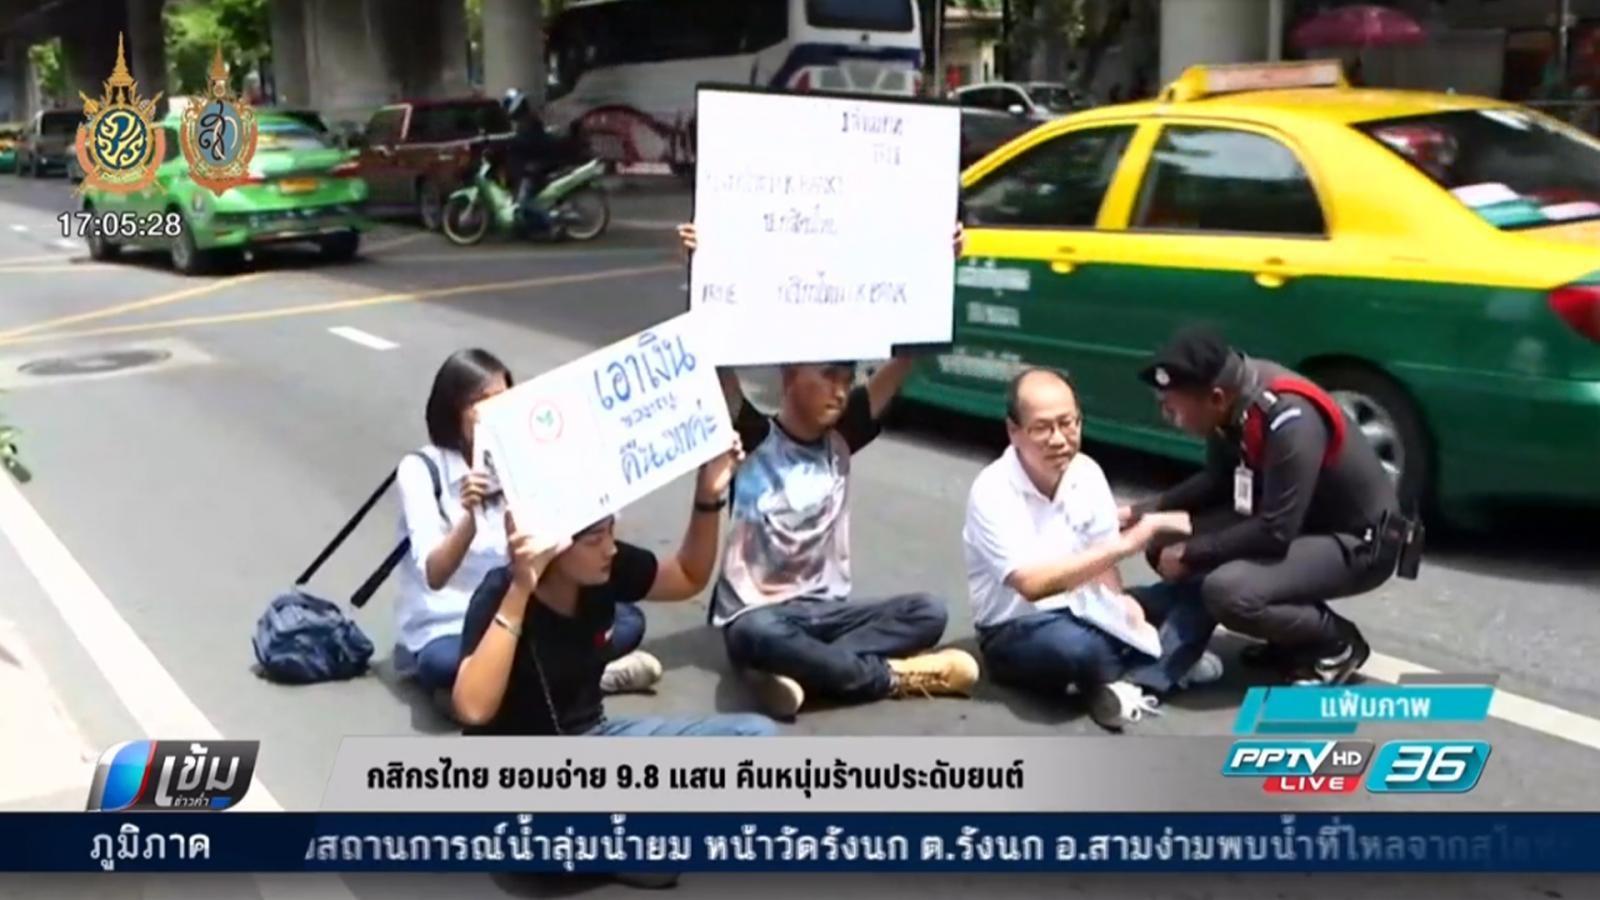 กสิกรไทย ยอมจ่าย 9.8 แสน คืนหนุ่มร้านประดับยนต์ ถูกโจรกรรมไซเบอร์